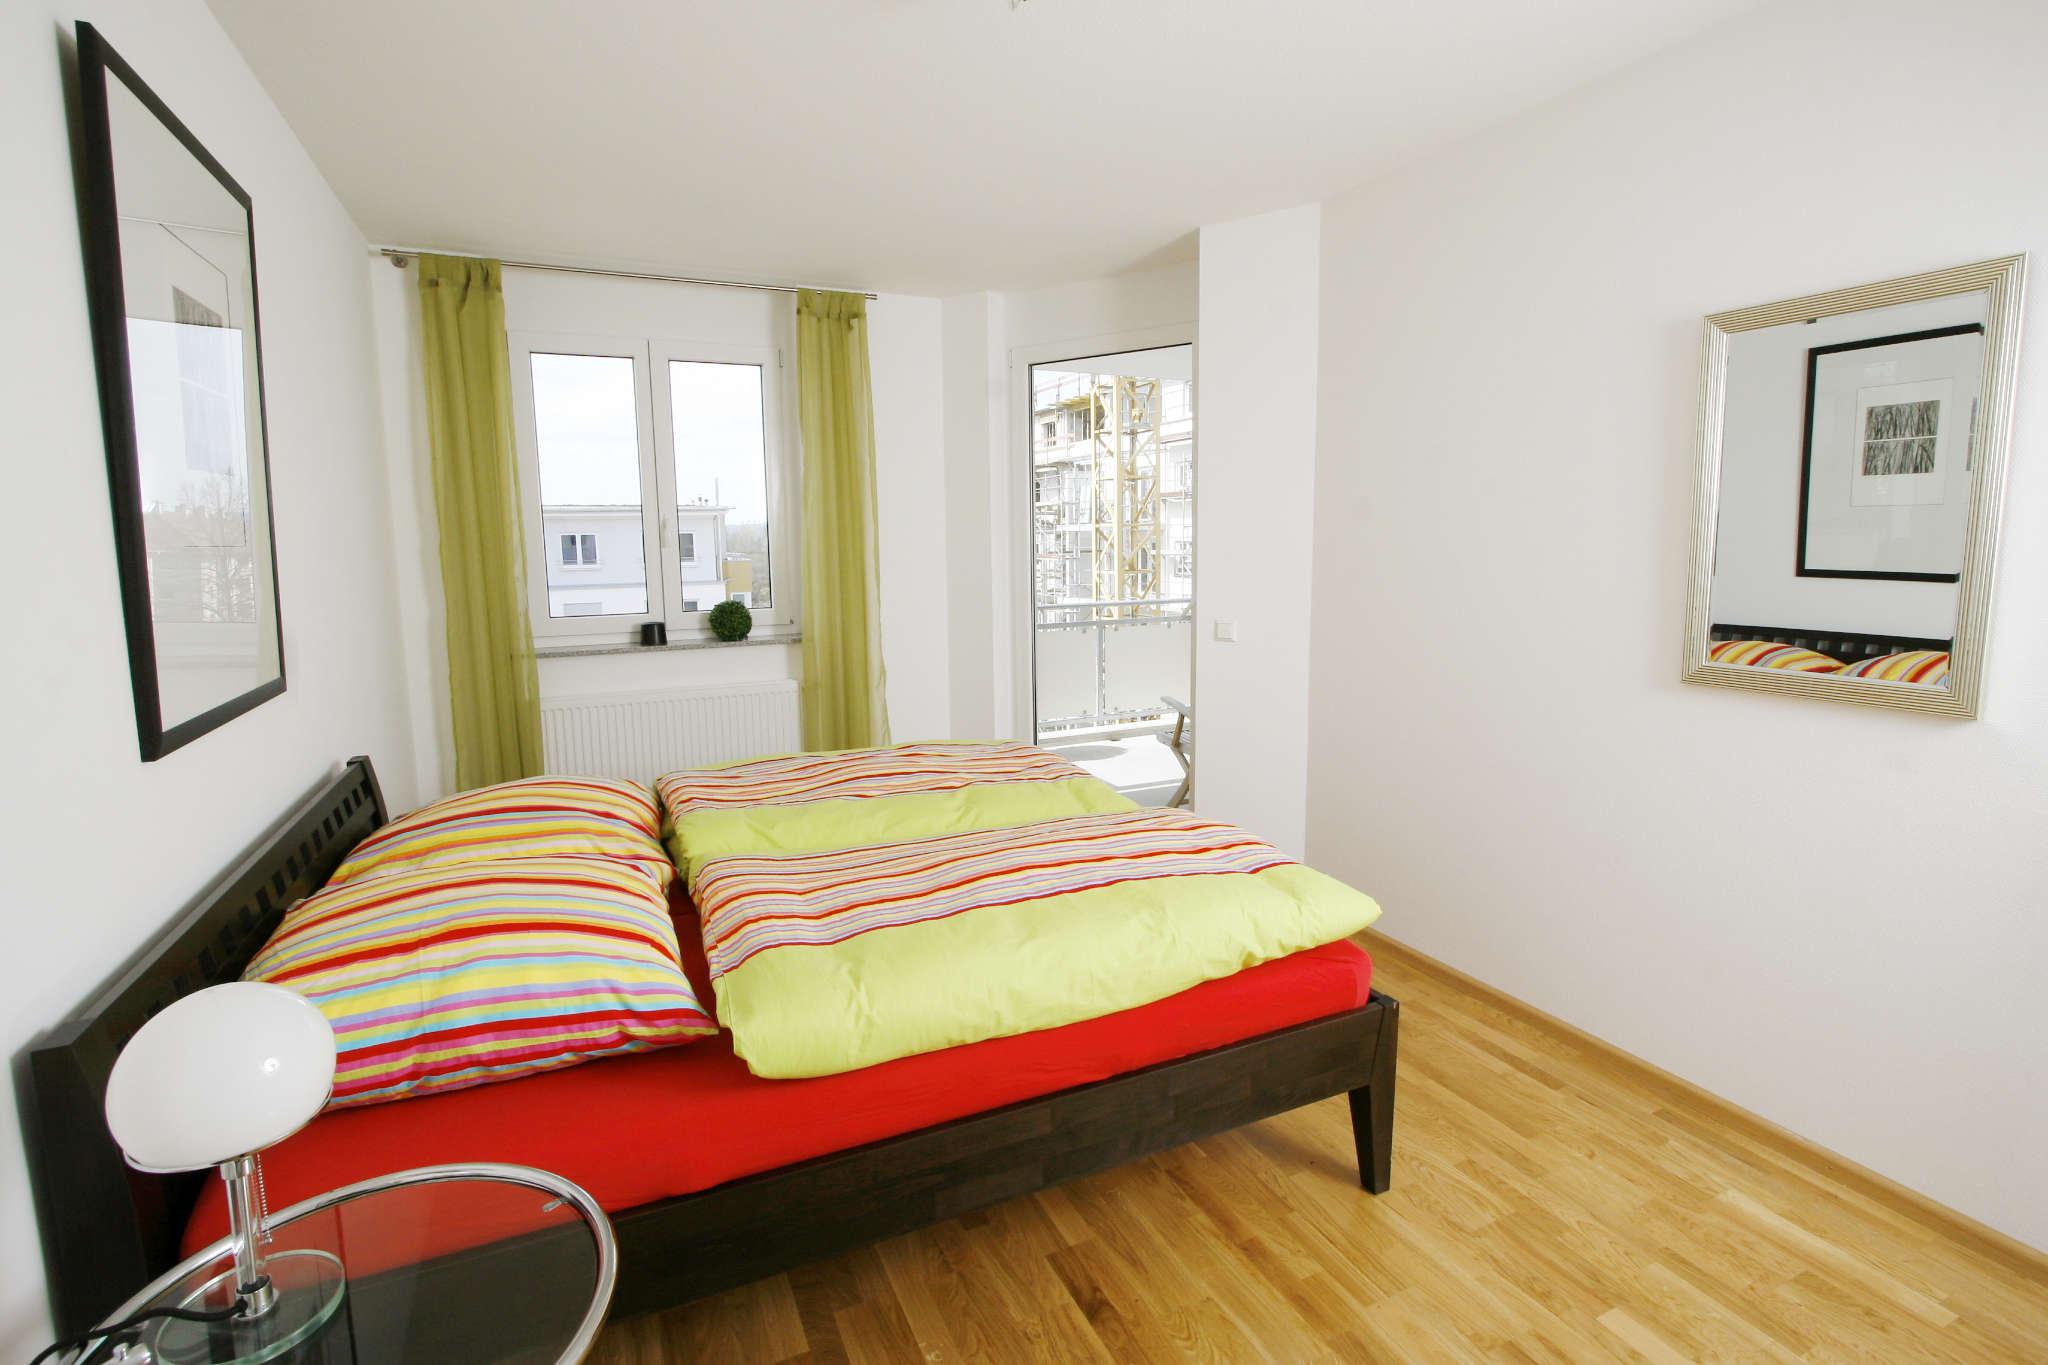 Freiburg design appartement in freiburg baden w rttemberg for Freiburg design hotel